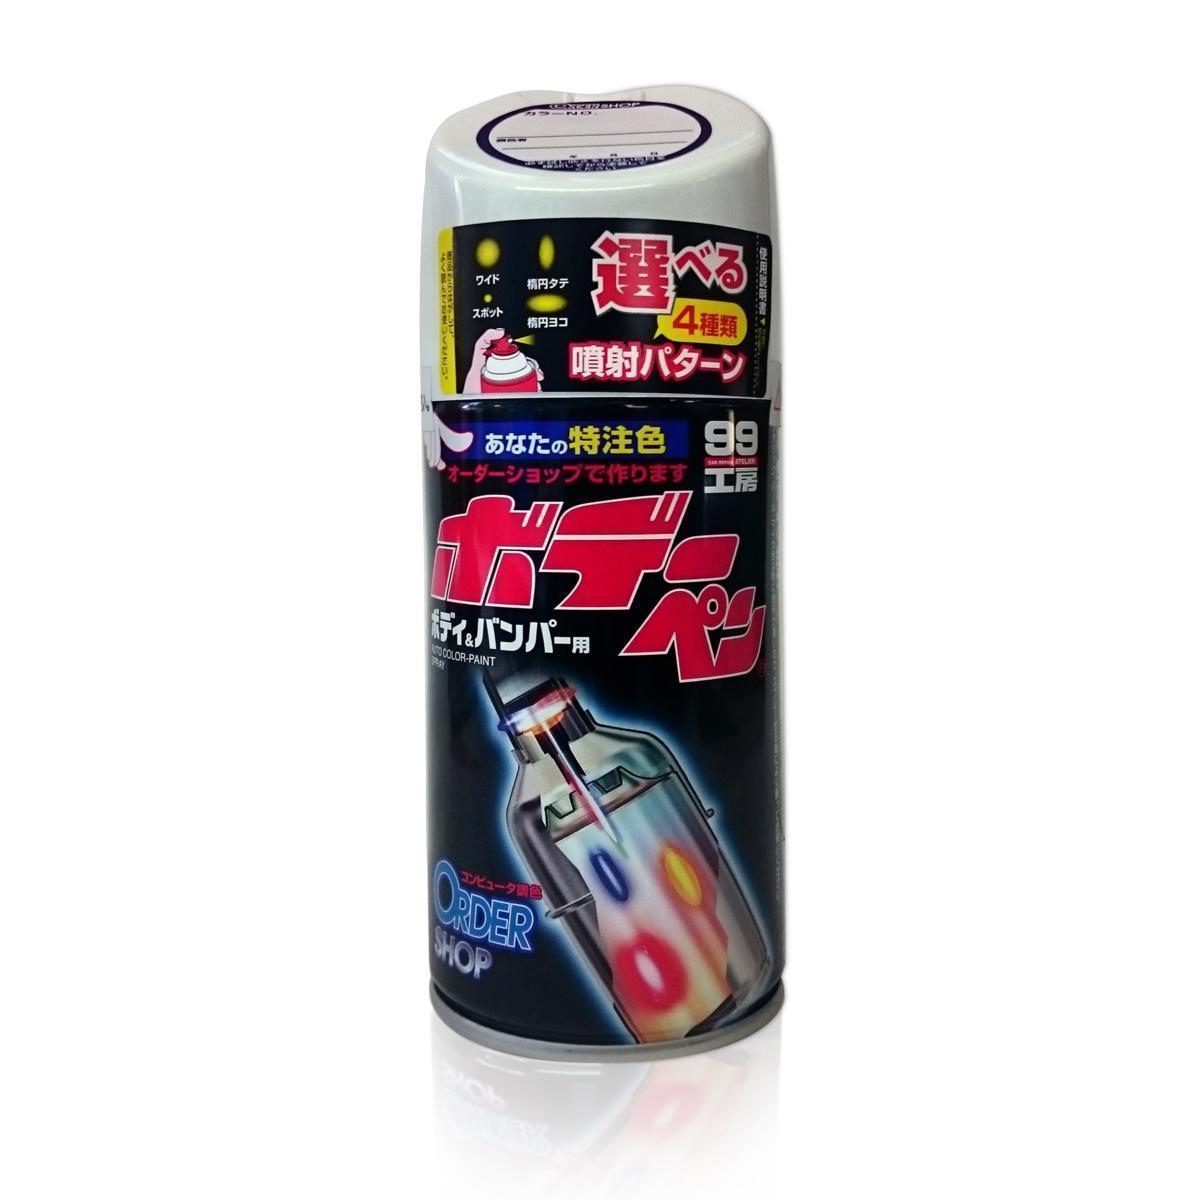 ソフト99 (SOFT99) 特注色 300ml ホンダ(純正色番号 A3J:ダークマリーンブルー) Myボデーペン(オーダーメイドカラーペイントスプレー)_画像1